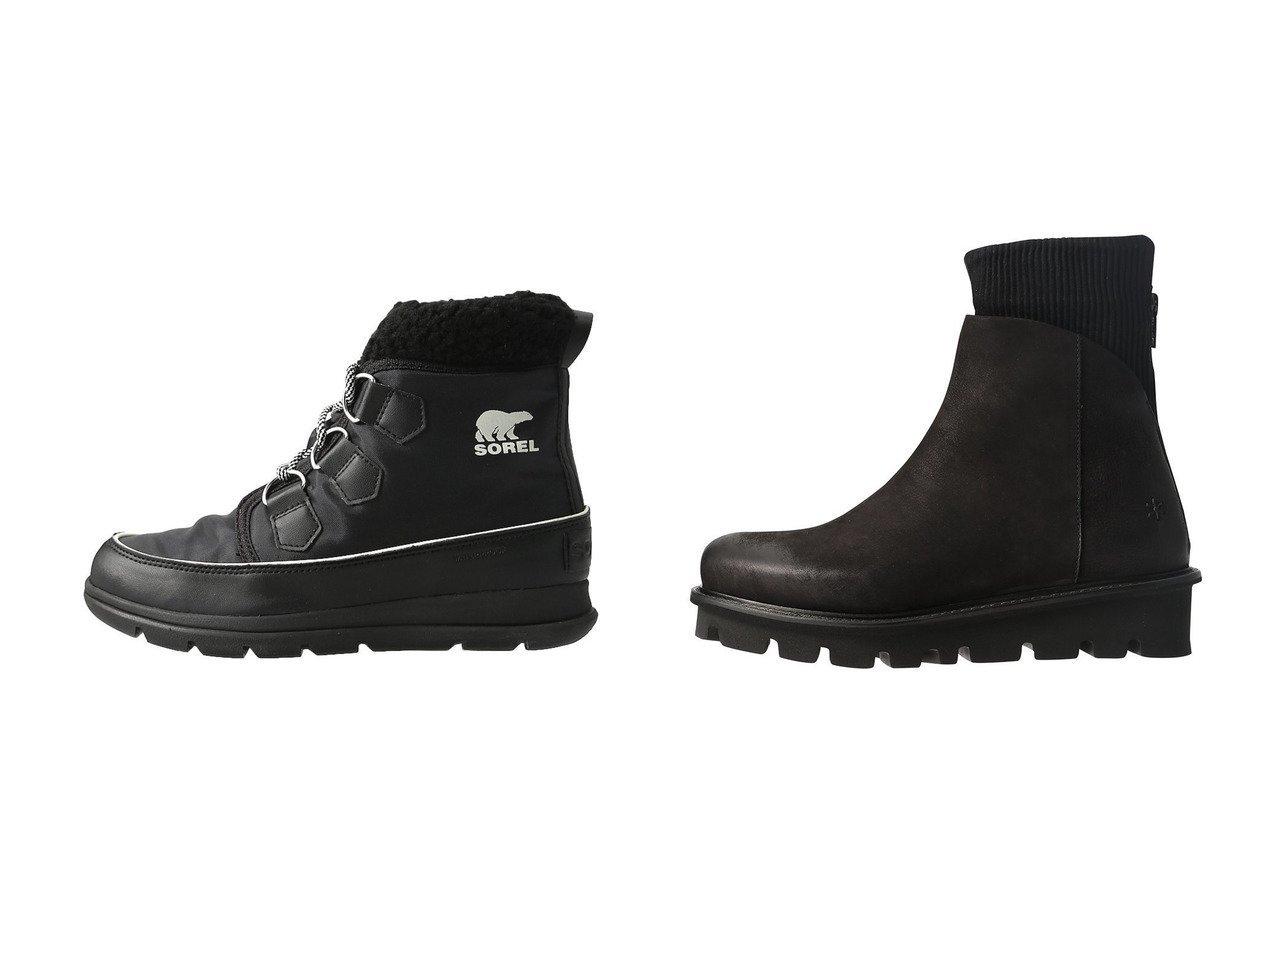 【SOREL/ソレル】のソレルエクスプローラーカーニバル スノーブーツ&【PLAIN PEOPLE/プレインピープル】の【Patrizia Bonfanti】スエードショートブーツ YAYA シューズ・靴のおすすめ!人気、レディースファッションの通販  おすすめで人気のファッション通販商品 インテリア・家具・キッズファッション・メンズファッション・レディースファッション・服の通販 founy(ファニー) https://founy.com/ ファッション Fashion レディース WOMEN ミドル 今季 ショート スエード ドッキング フェミニン 厚底 |ID:crp329100000000094